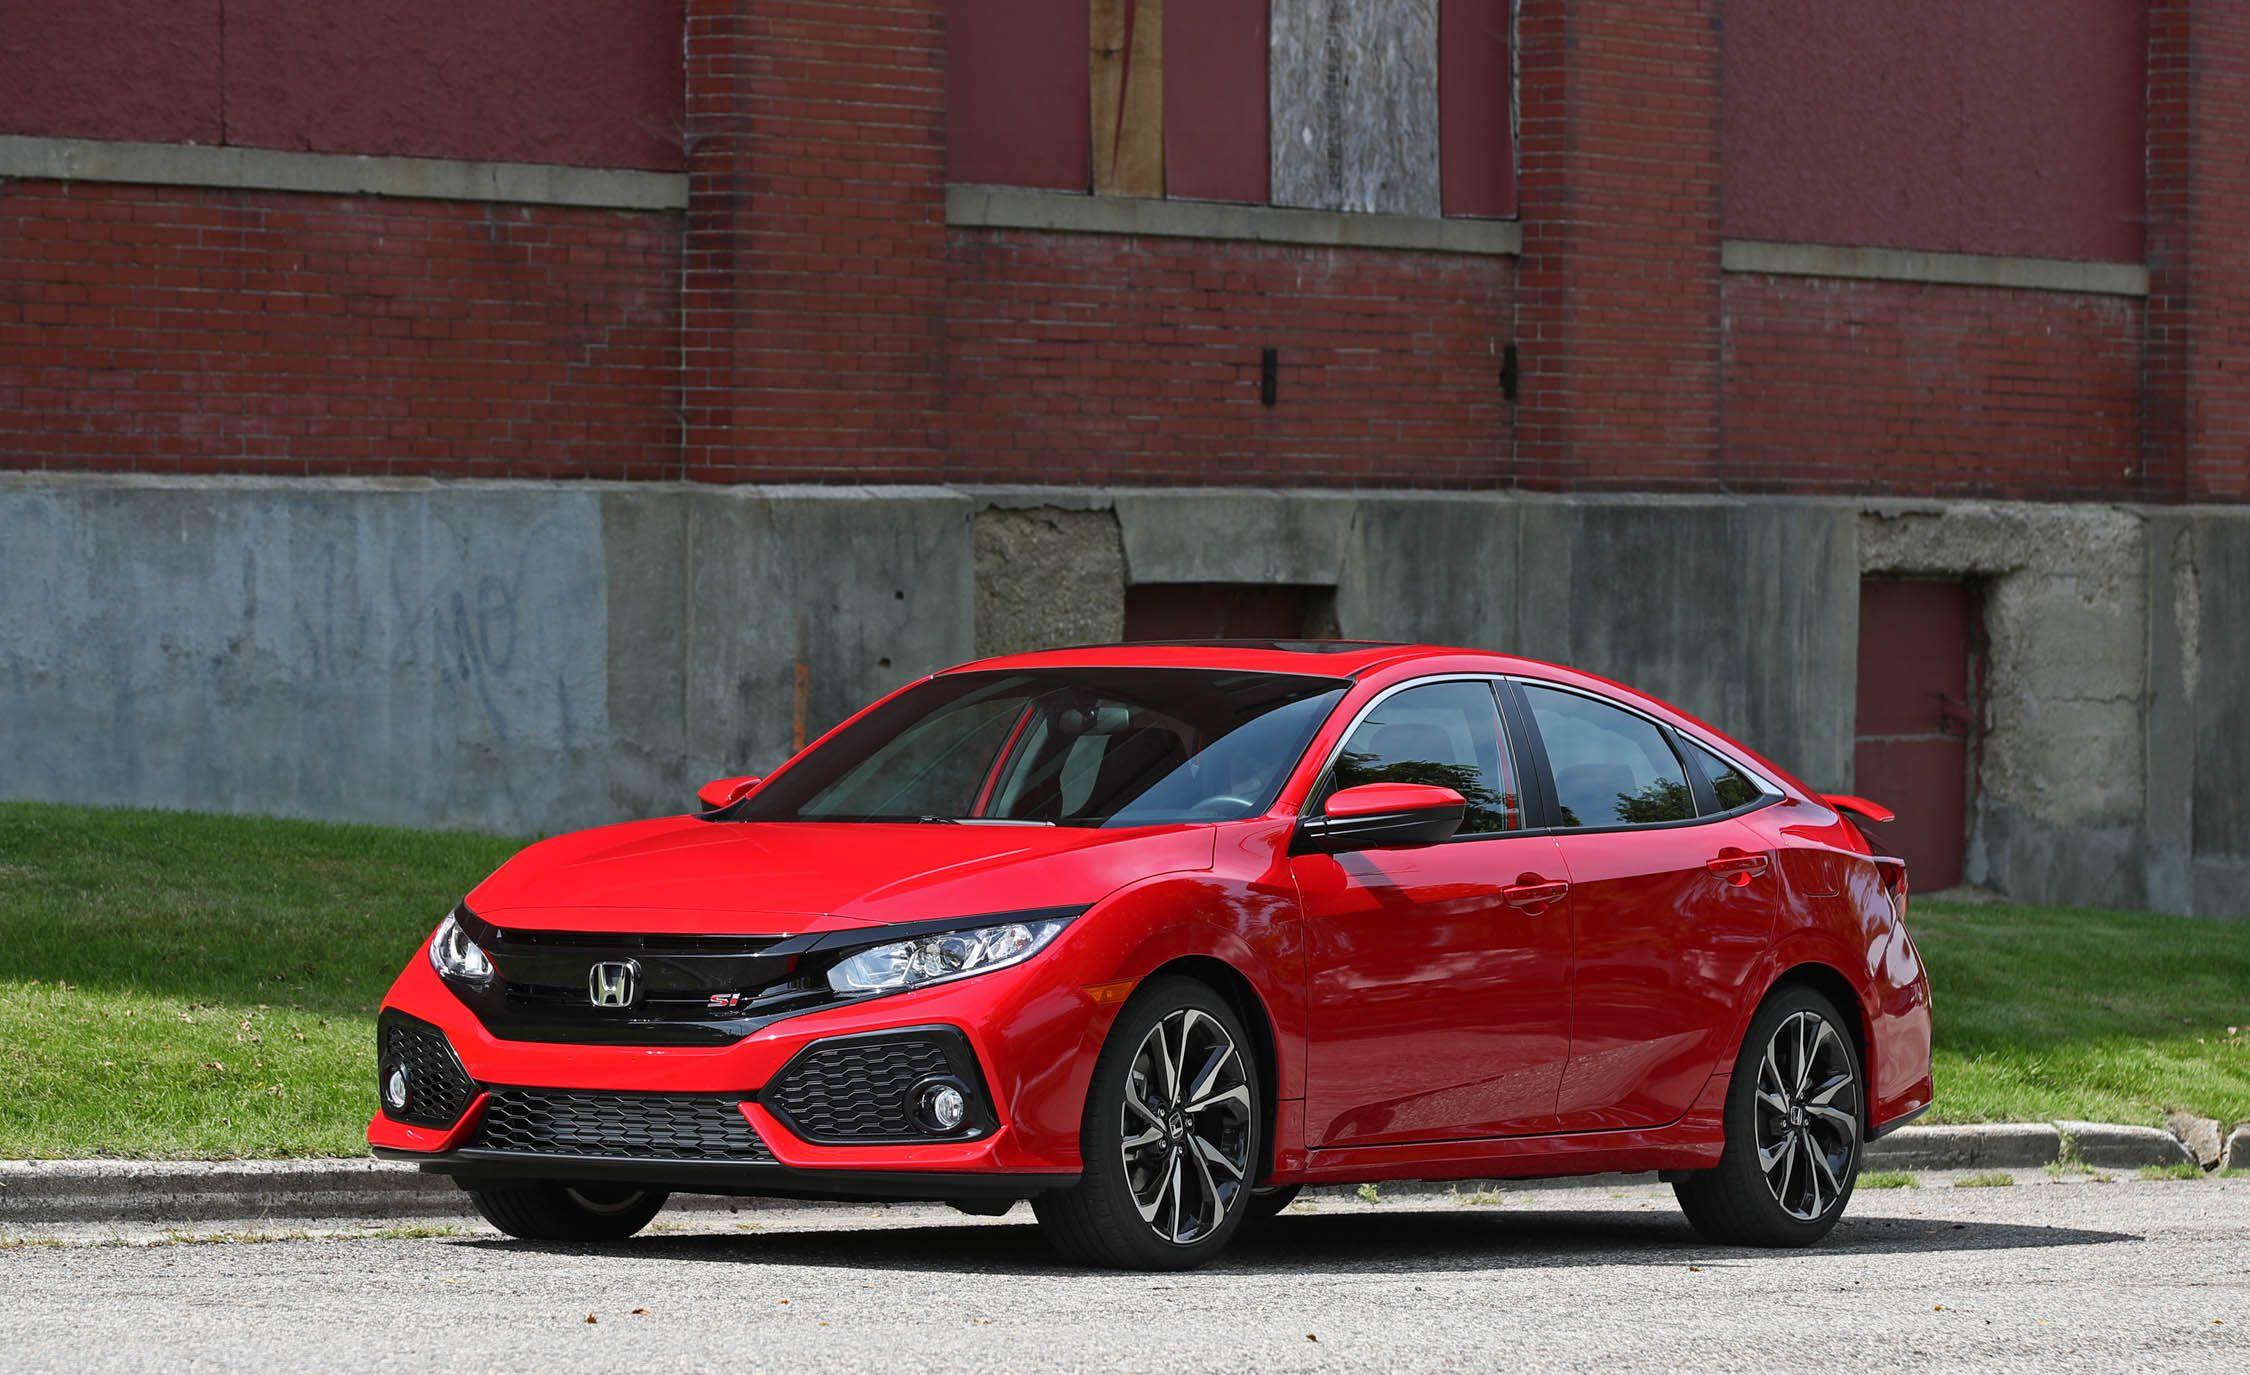 Honda Civic Si Reviews | Honda Civic Si Price, Photos, And Specs | Car And  Driver